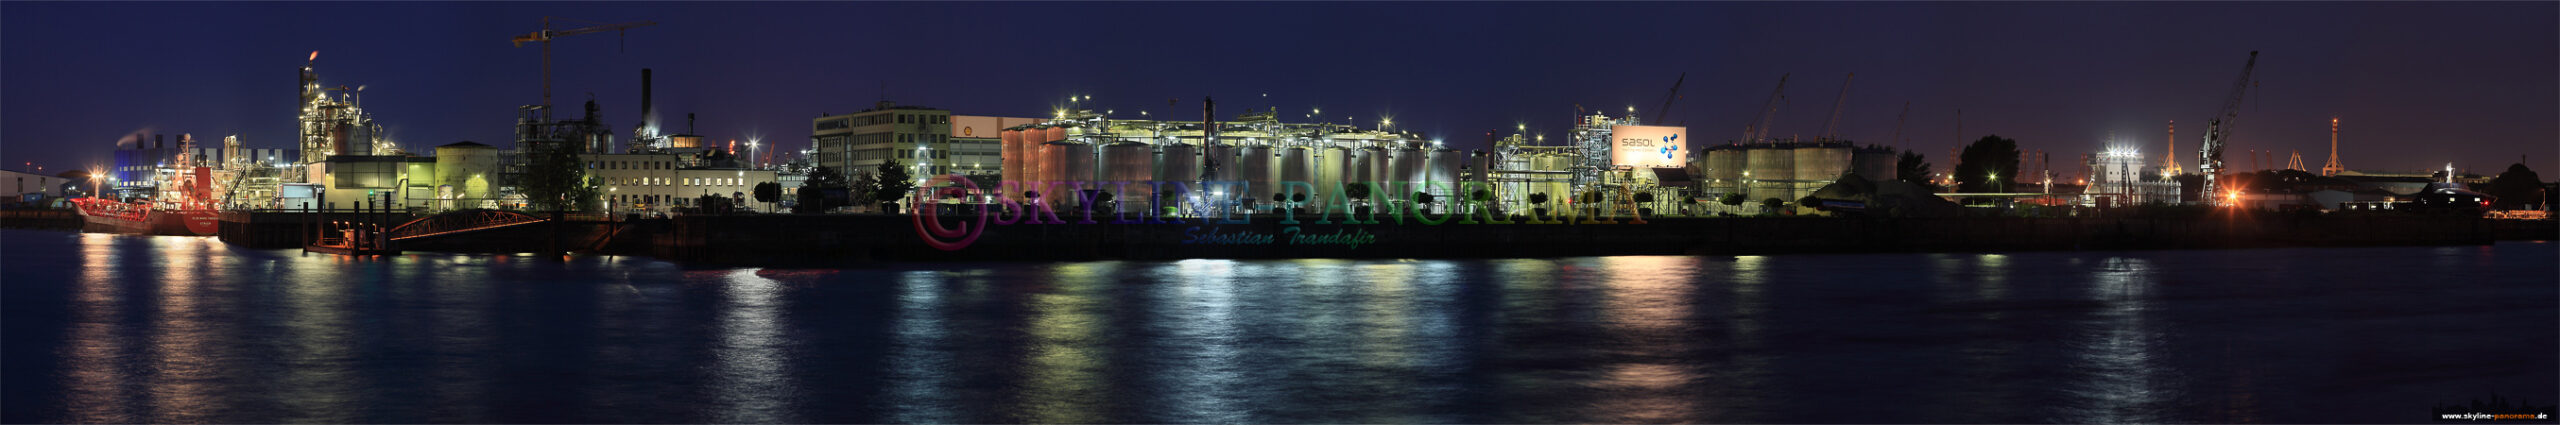 Bilder aus Hamburg - Panoramabild der Hamburg Hafenanlagen.